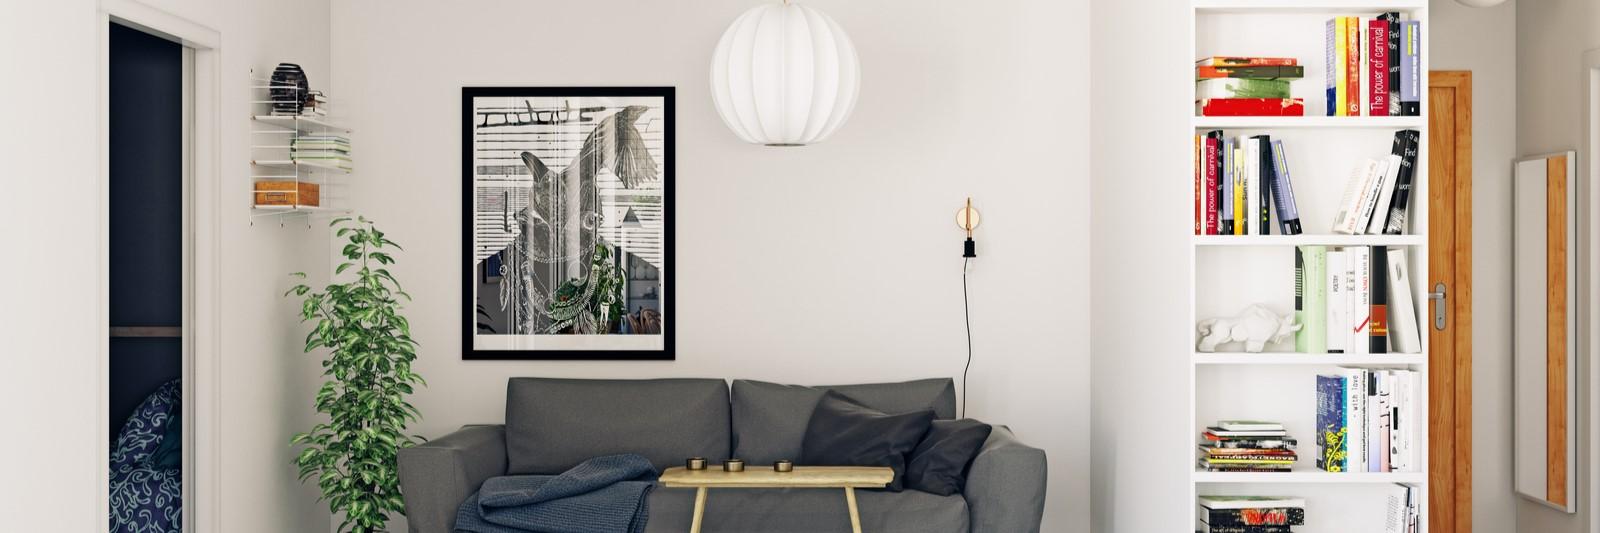 Deco Cadre Photo Mur comment disposer ses cadre deco sur son mur ? - ekivoke art